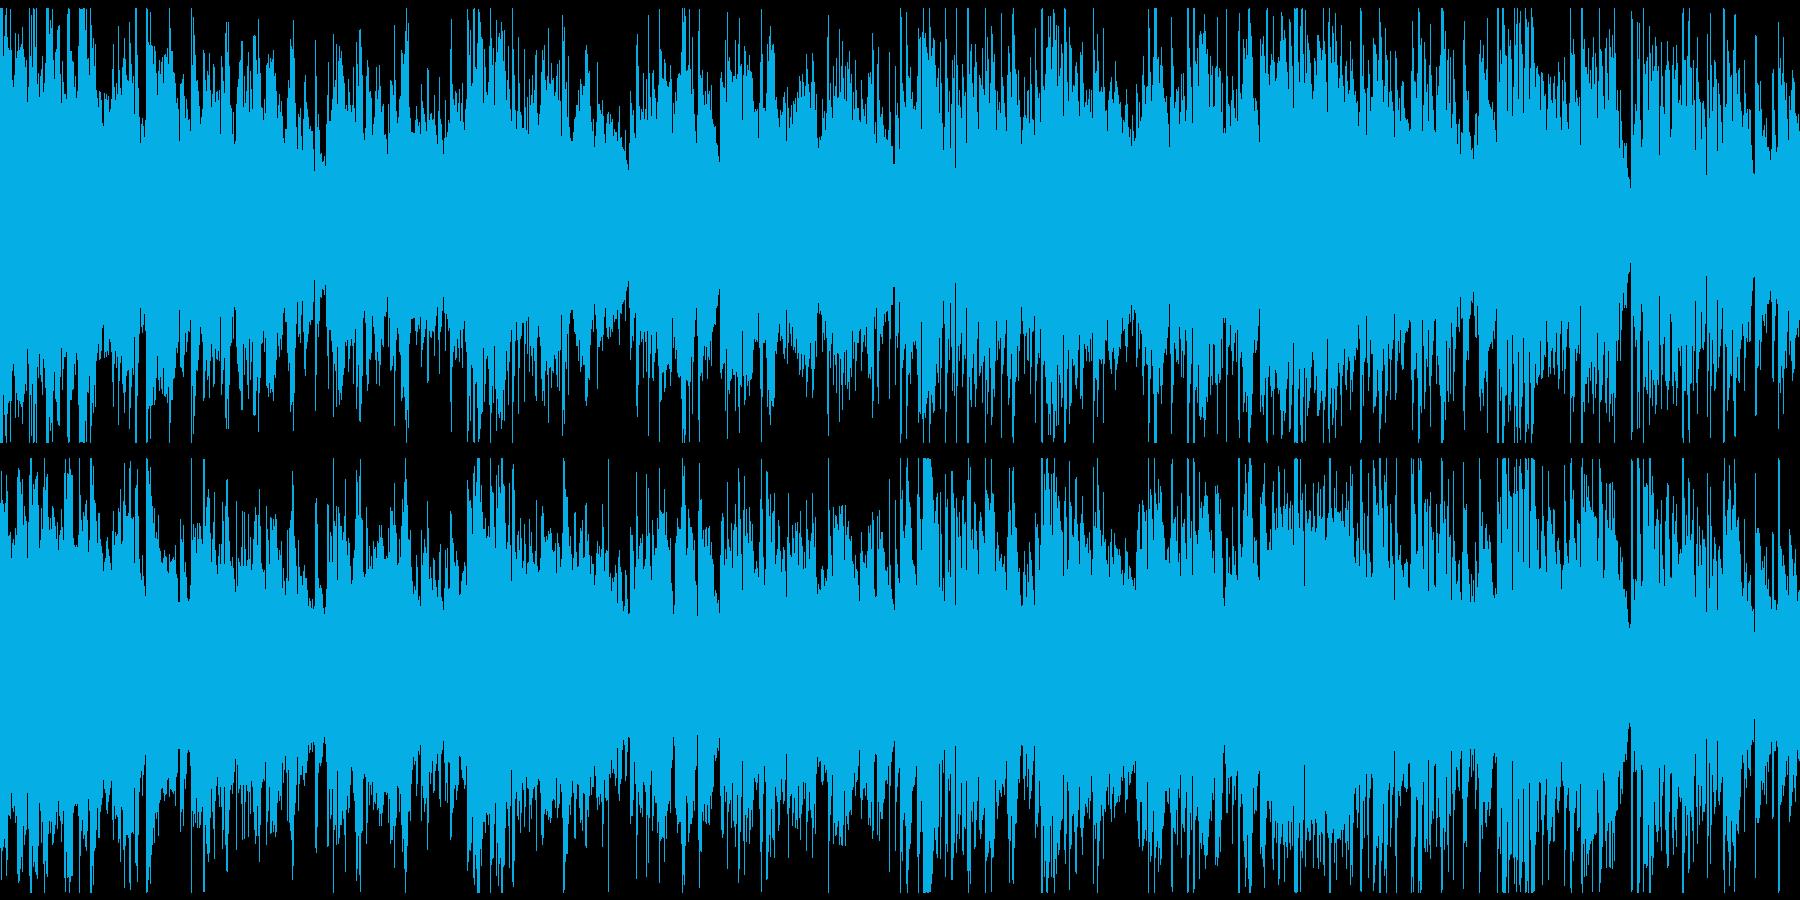 穏やかな低音メロディのボサノバ※ループ版の再生済みの波形